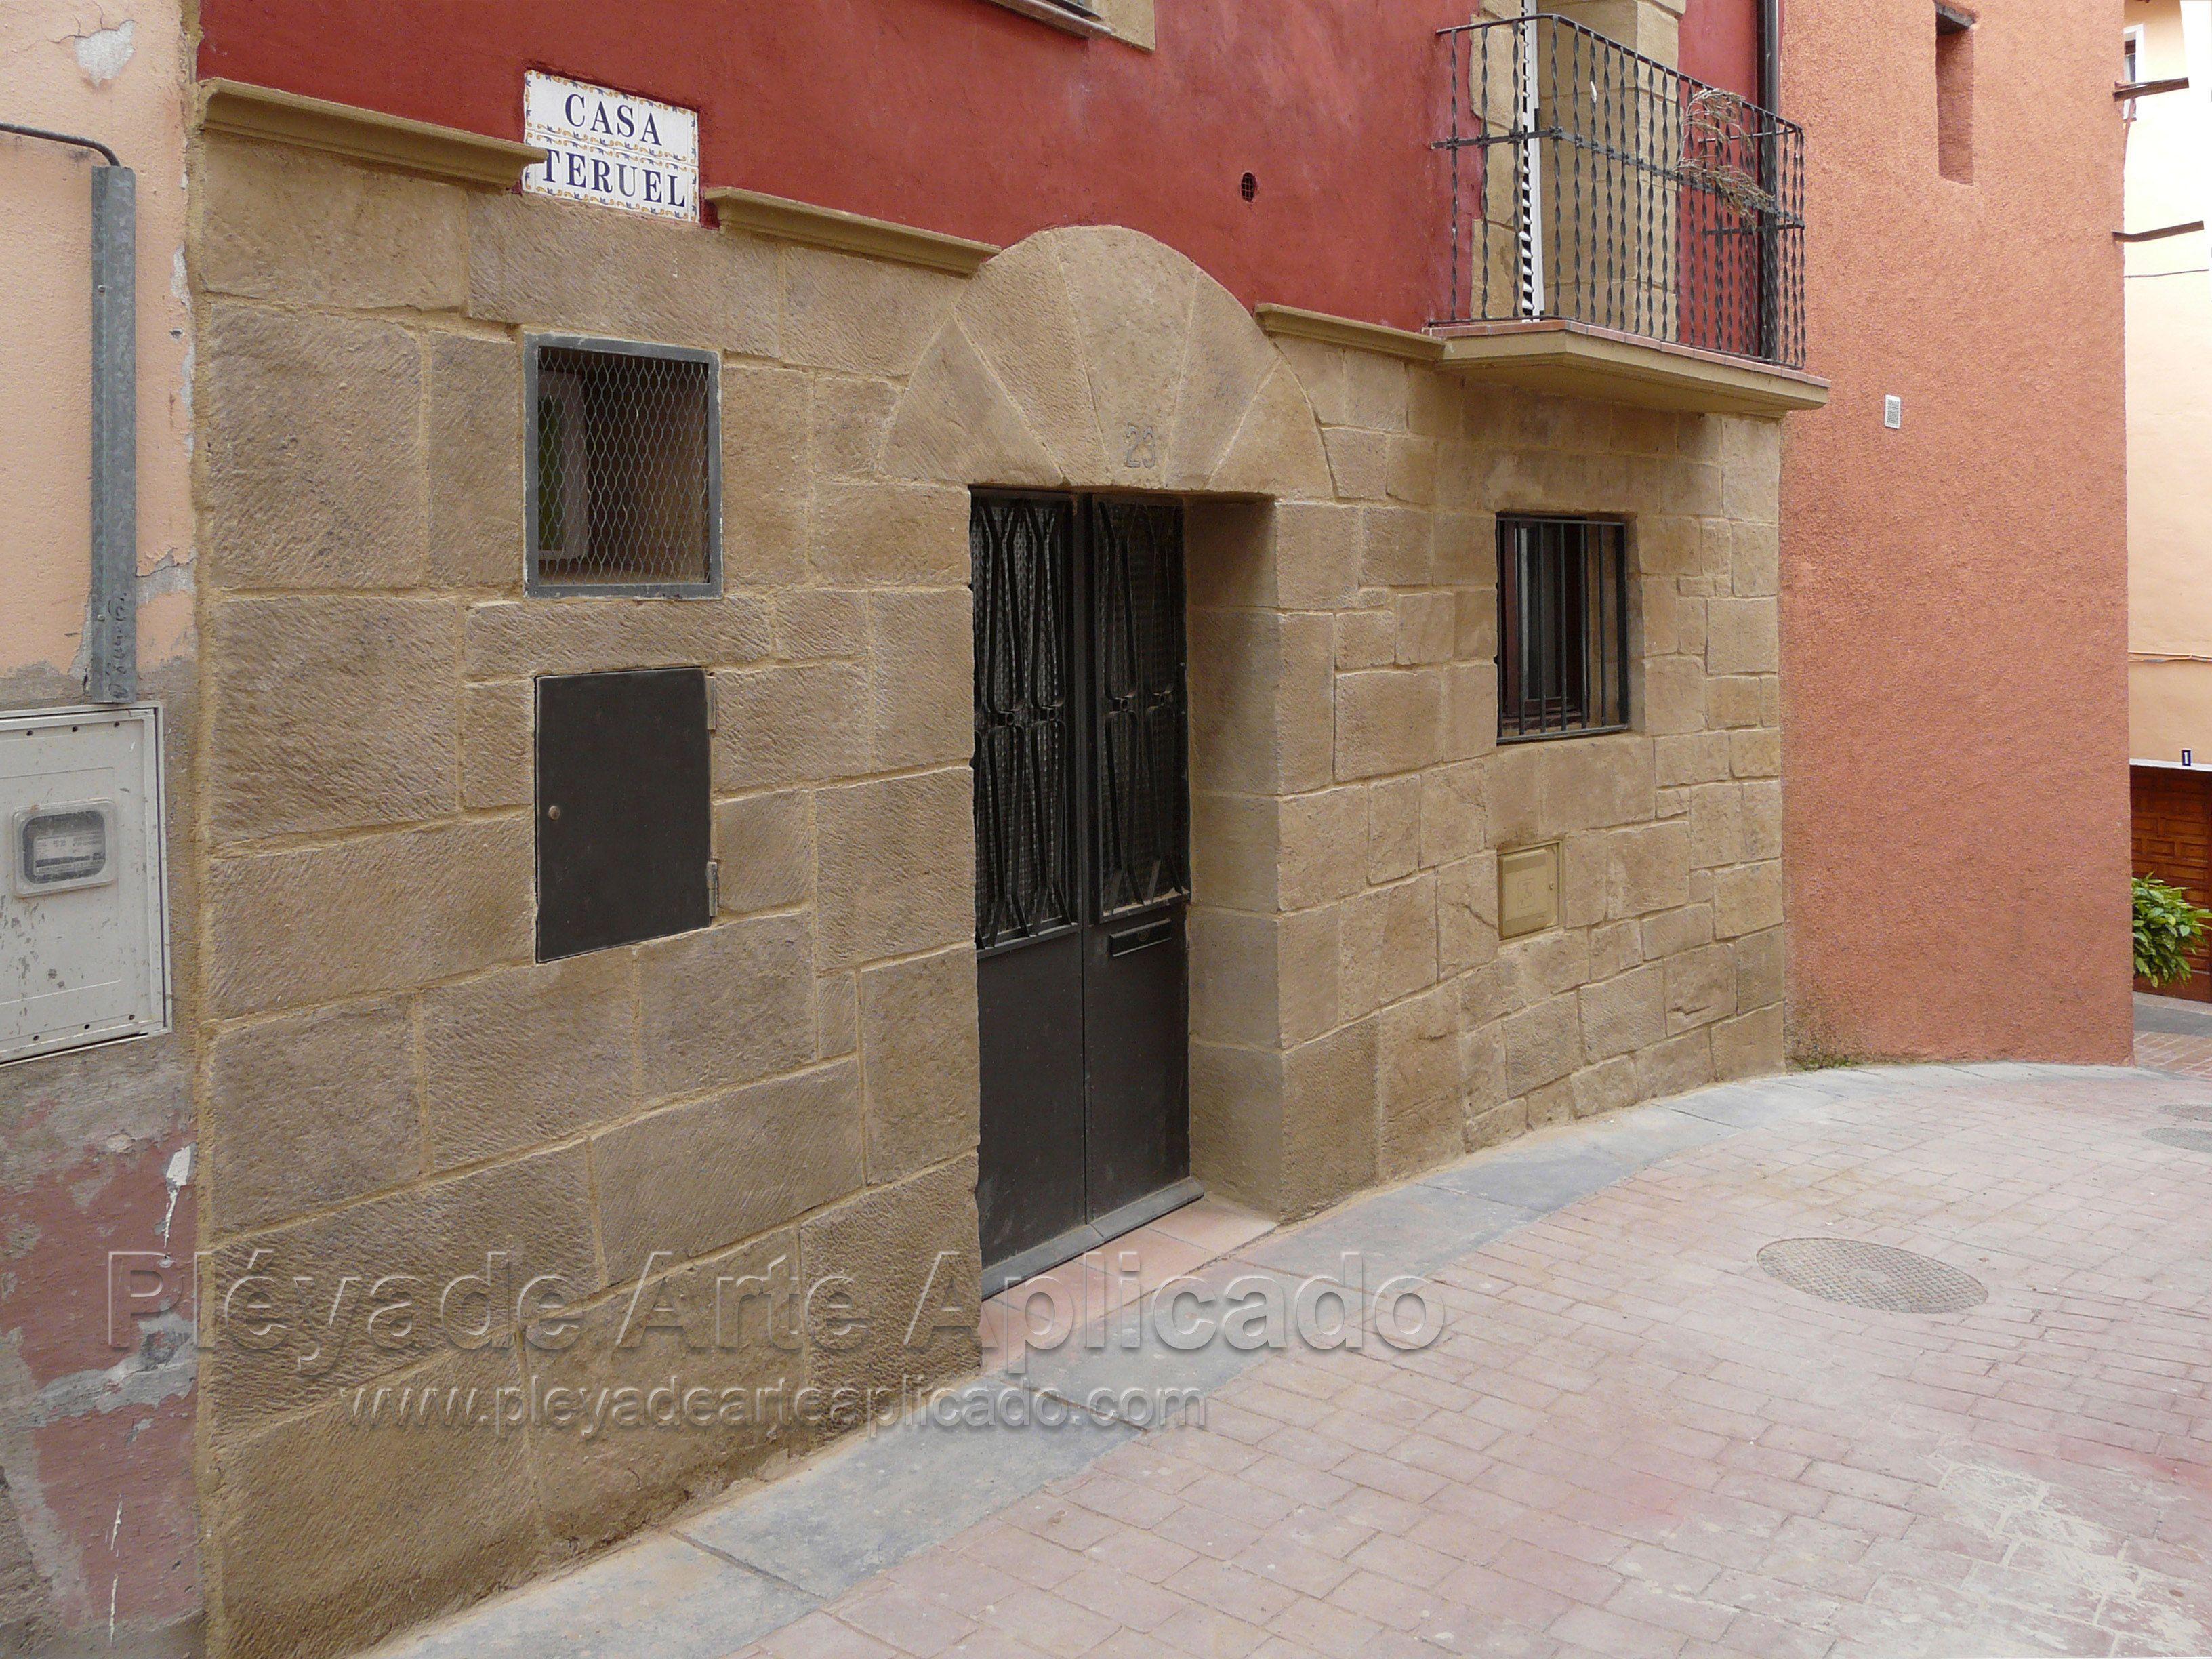 Decoraci n de fachada con piedra artificial y estuco decoraci n en viviendas pinterest - Piedra artificial para fachadas ...